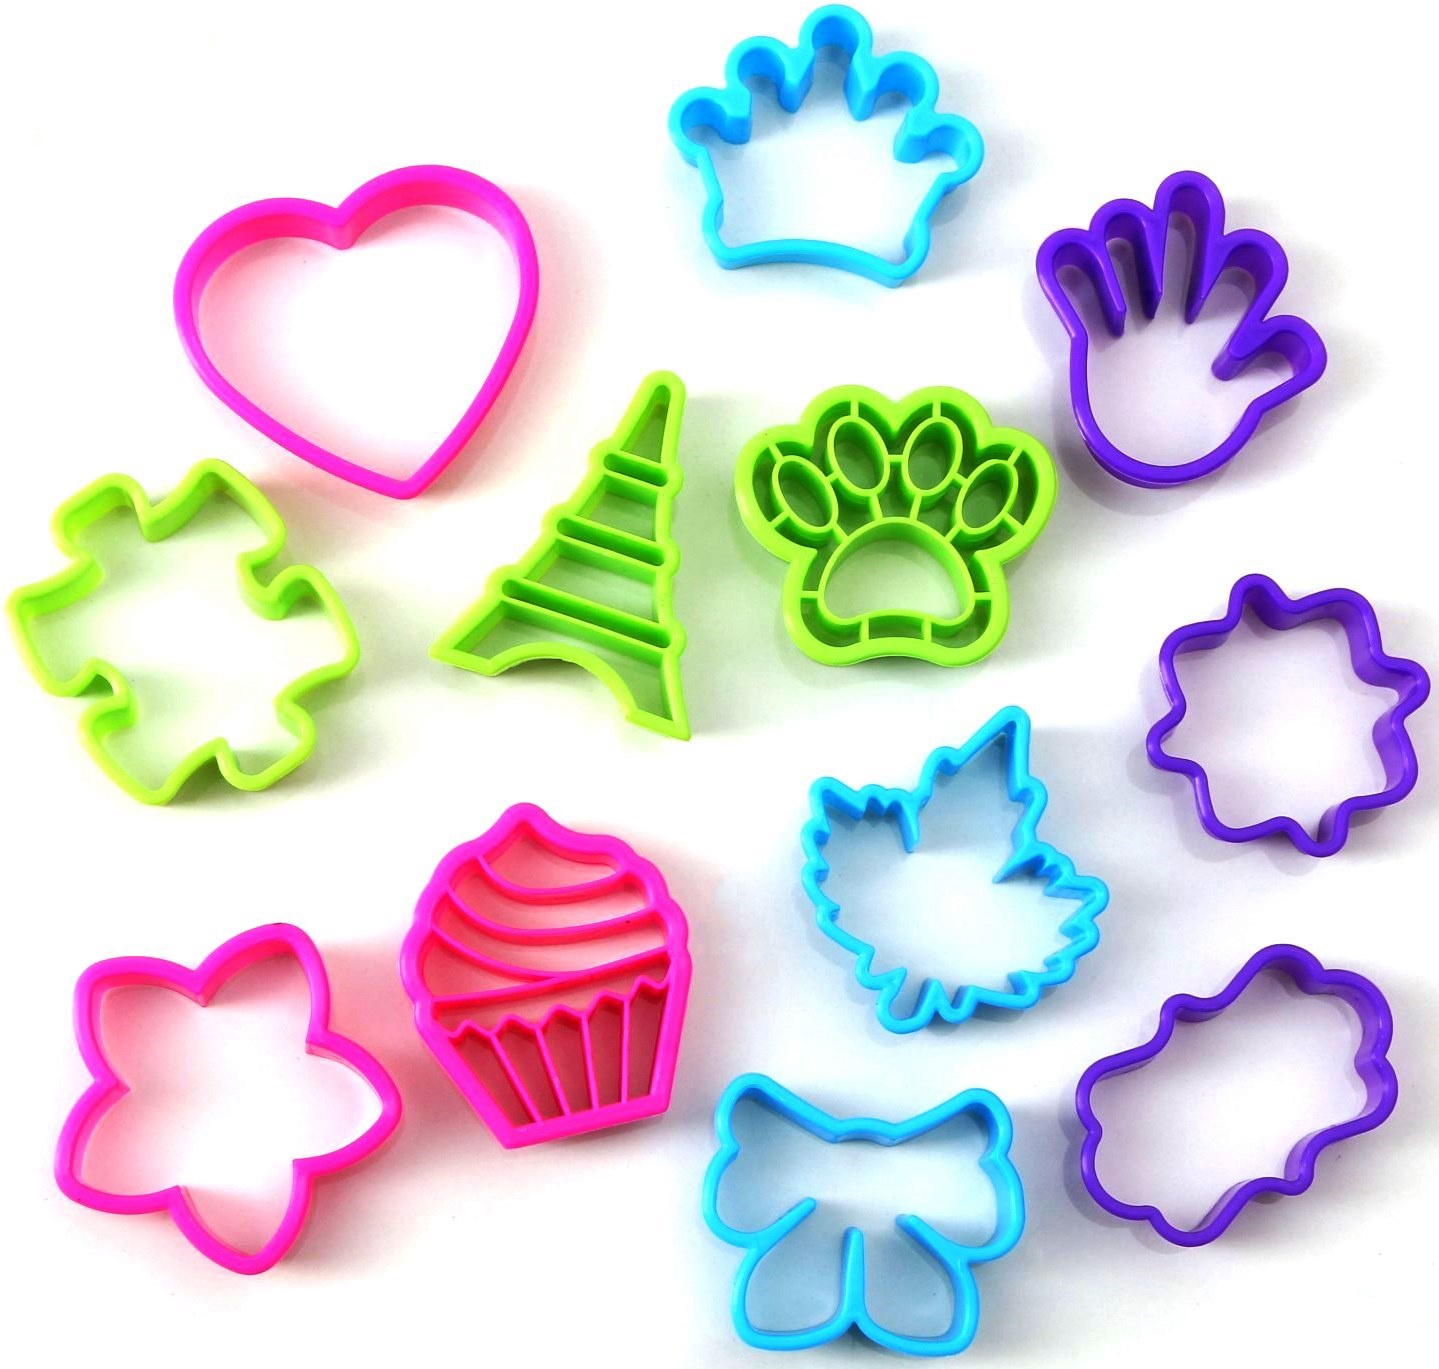 Форма для выпечки Fidget Go Воображение, голубой, фиолетовый, зеленый, розовый мыльница дорожная домашний сундук цвет серый 10 5 х 4 х 7 5 см